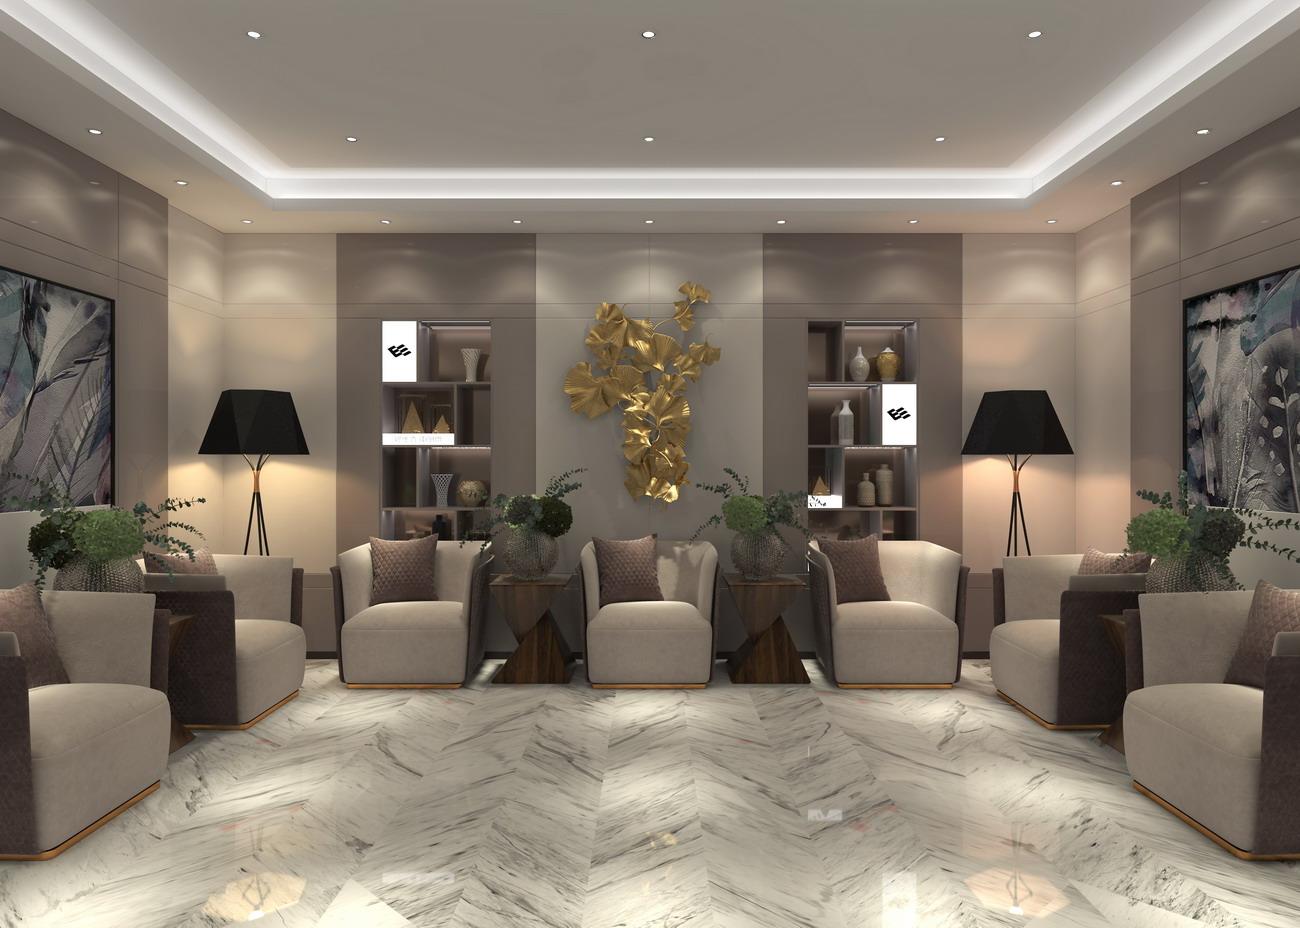 卡娜迪木门抓买点设计-高端木门店专卖店设计-客厅设计-整木定制店面设计-整木定制产品开发设计-